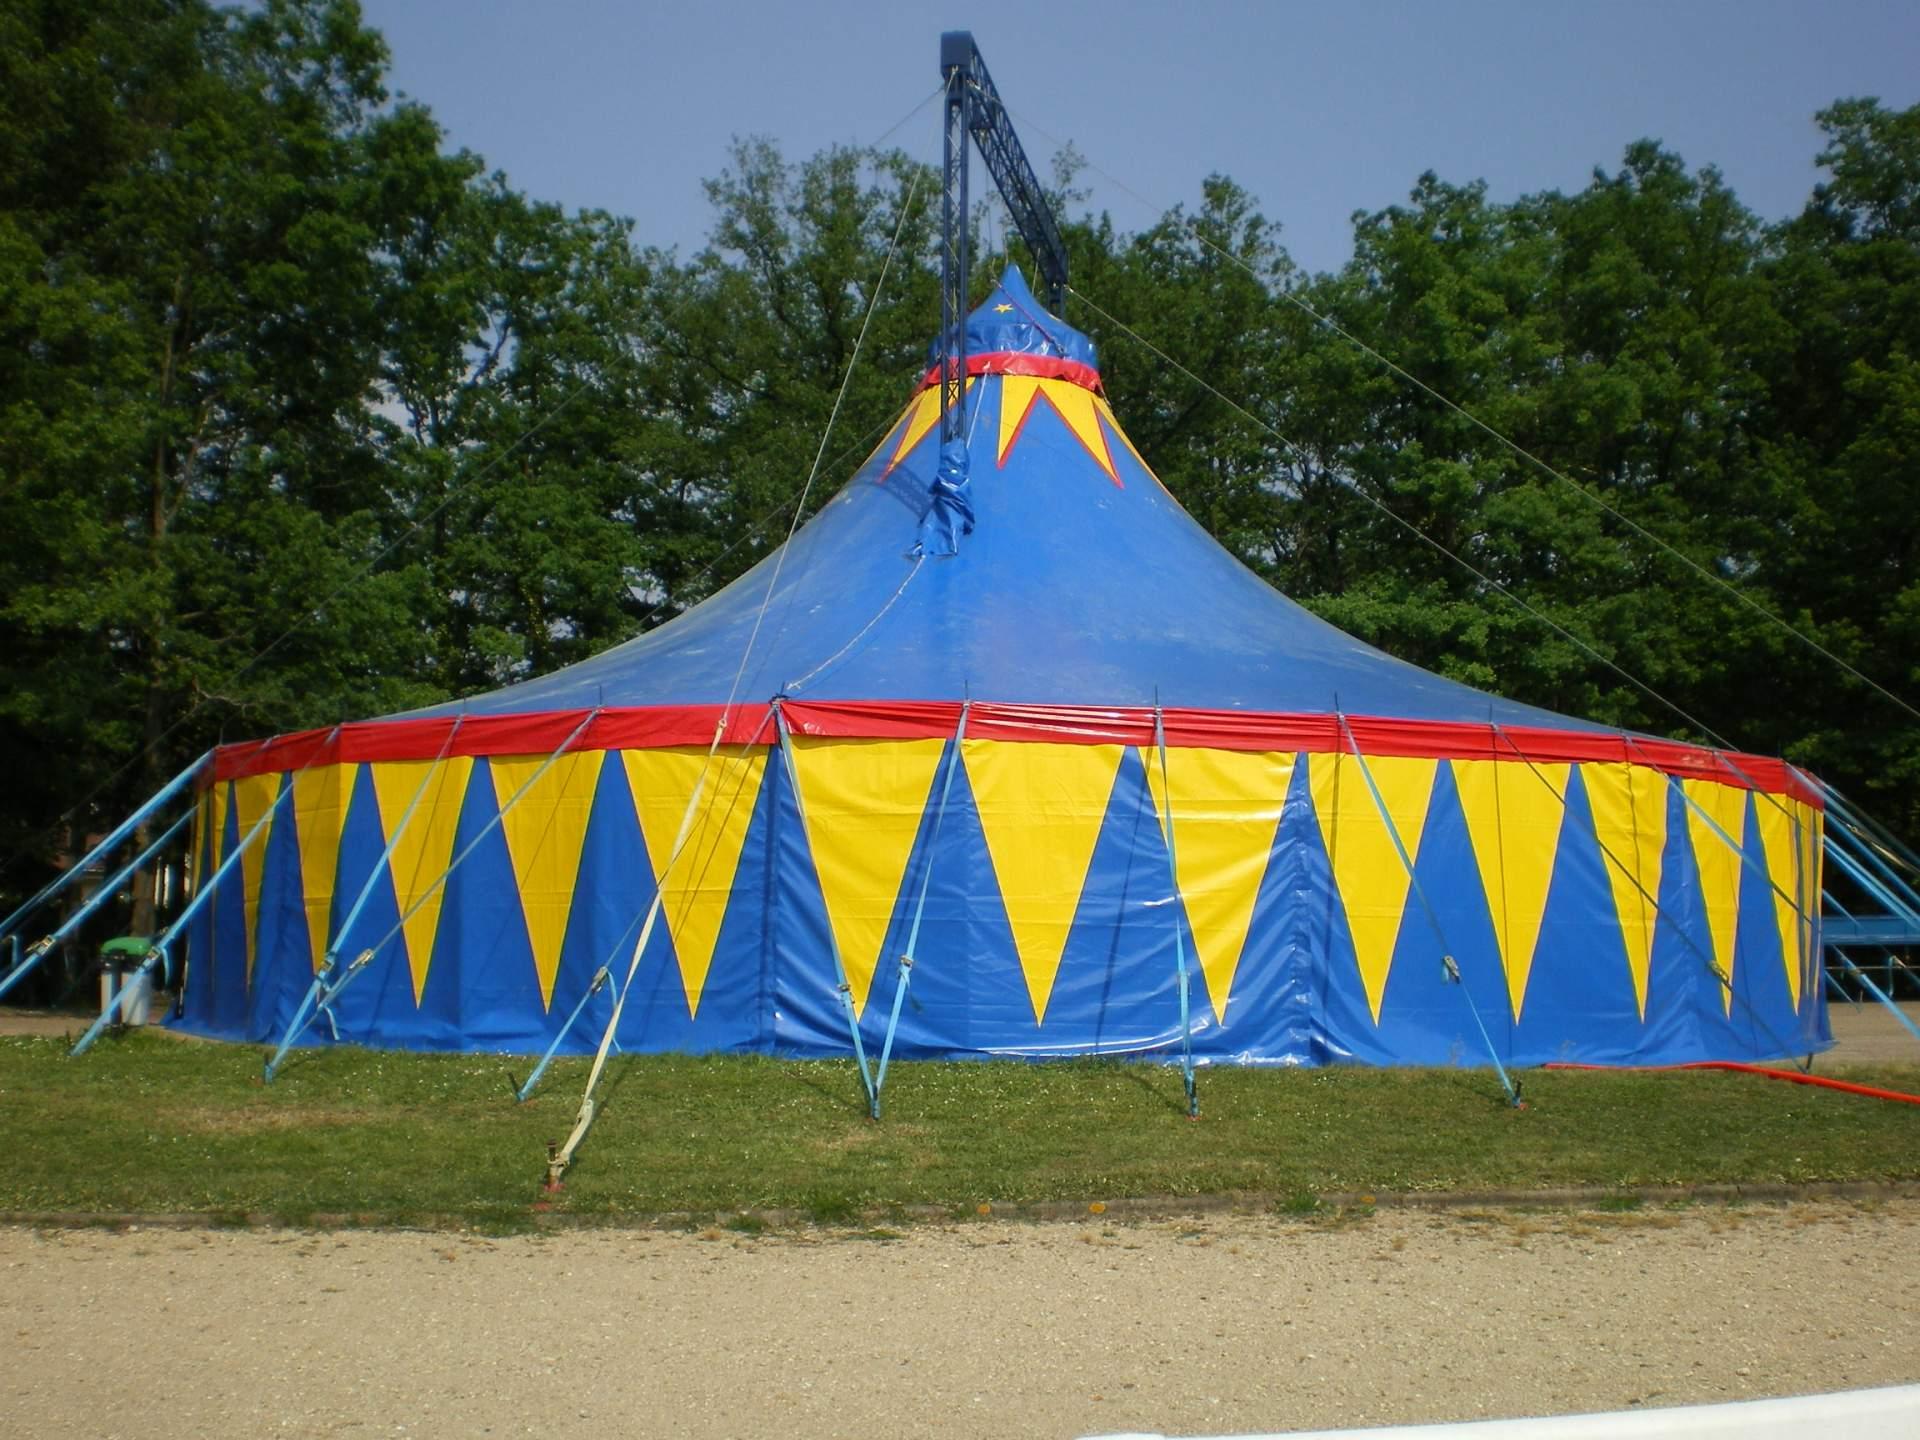 location de chapiteau de cirque rond sans corniche 20 m location de chapiteaux de cirques et. Black Bedroom Furniture Sets. Home Design Ideas